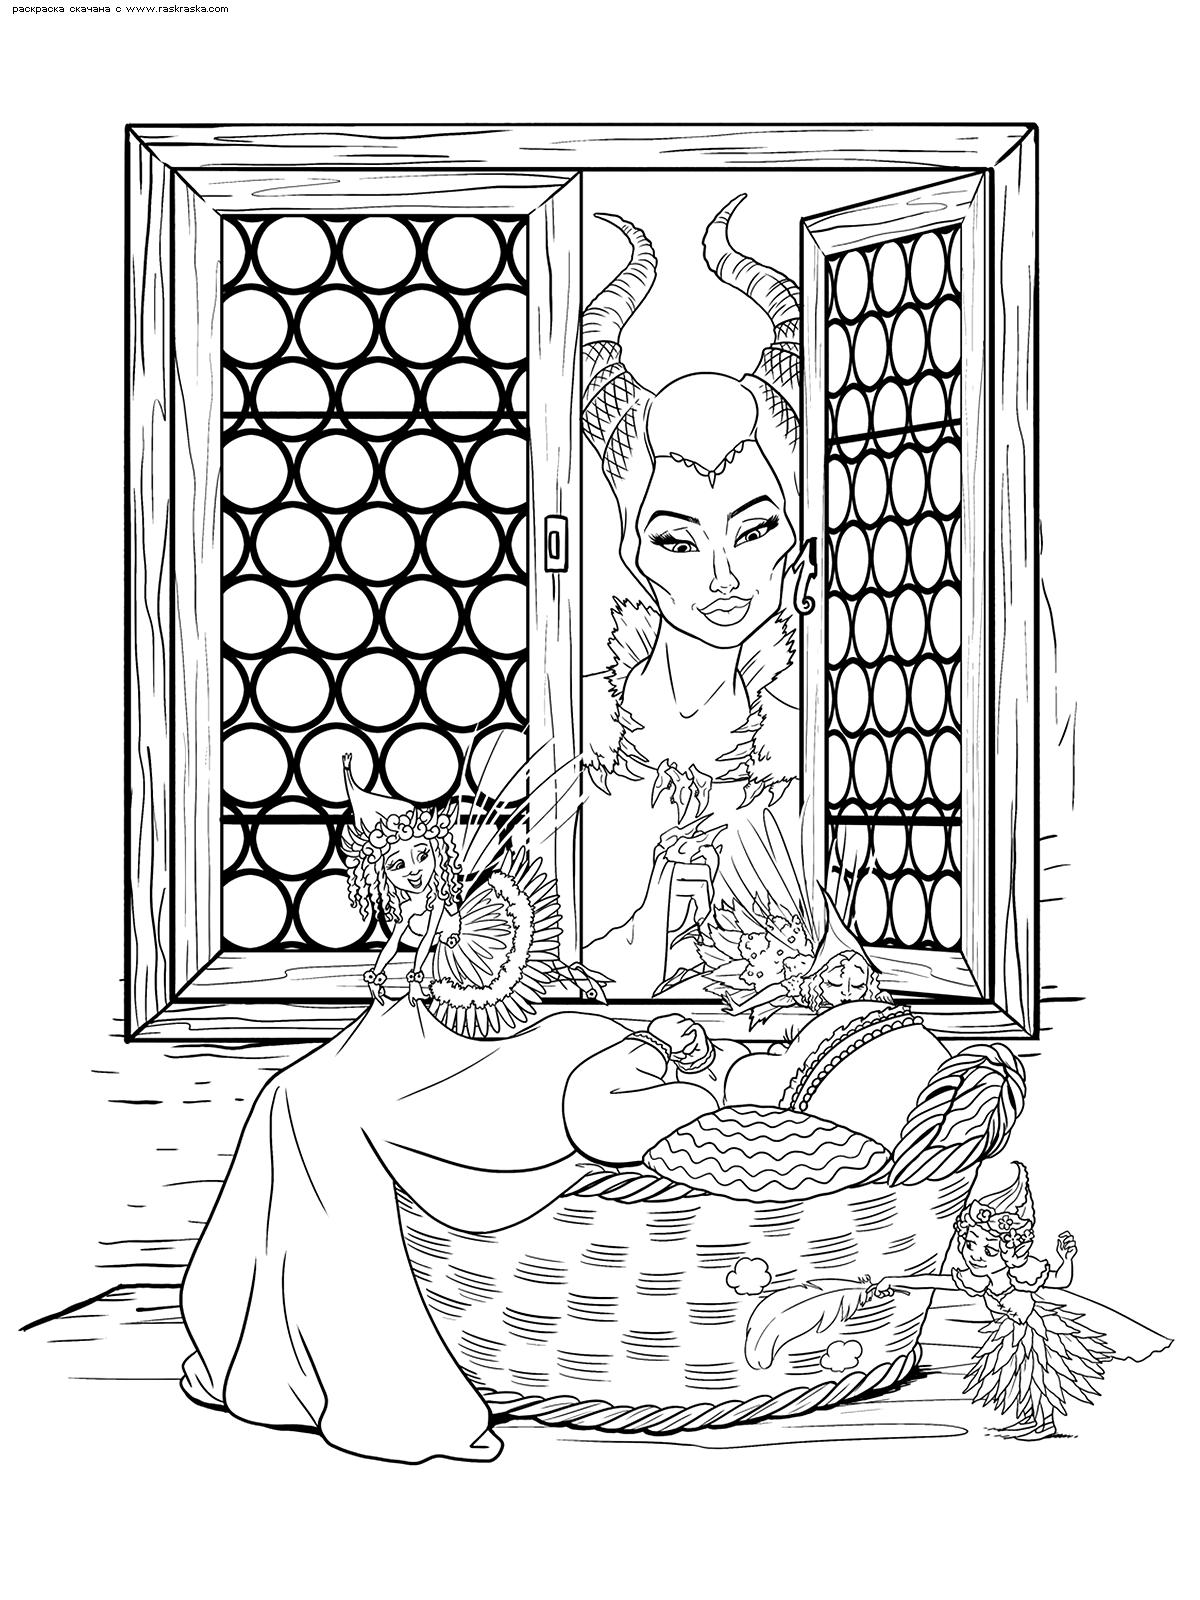 Раскраска Малефисента оберегает принцессу. Раскраска фея, принцесса